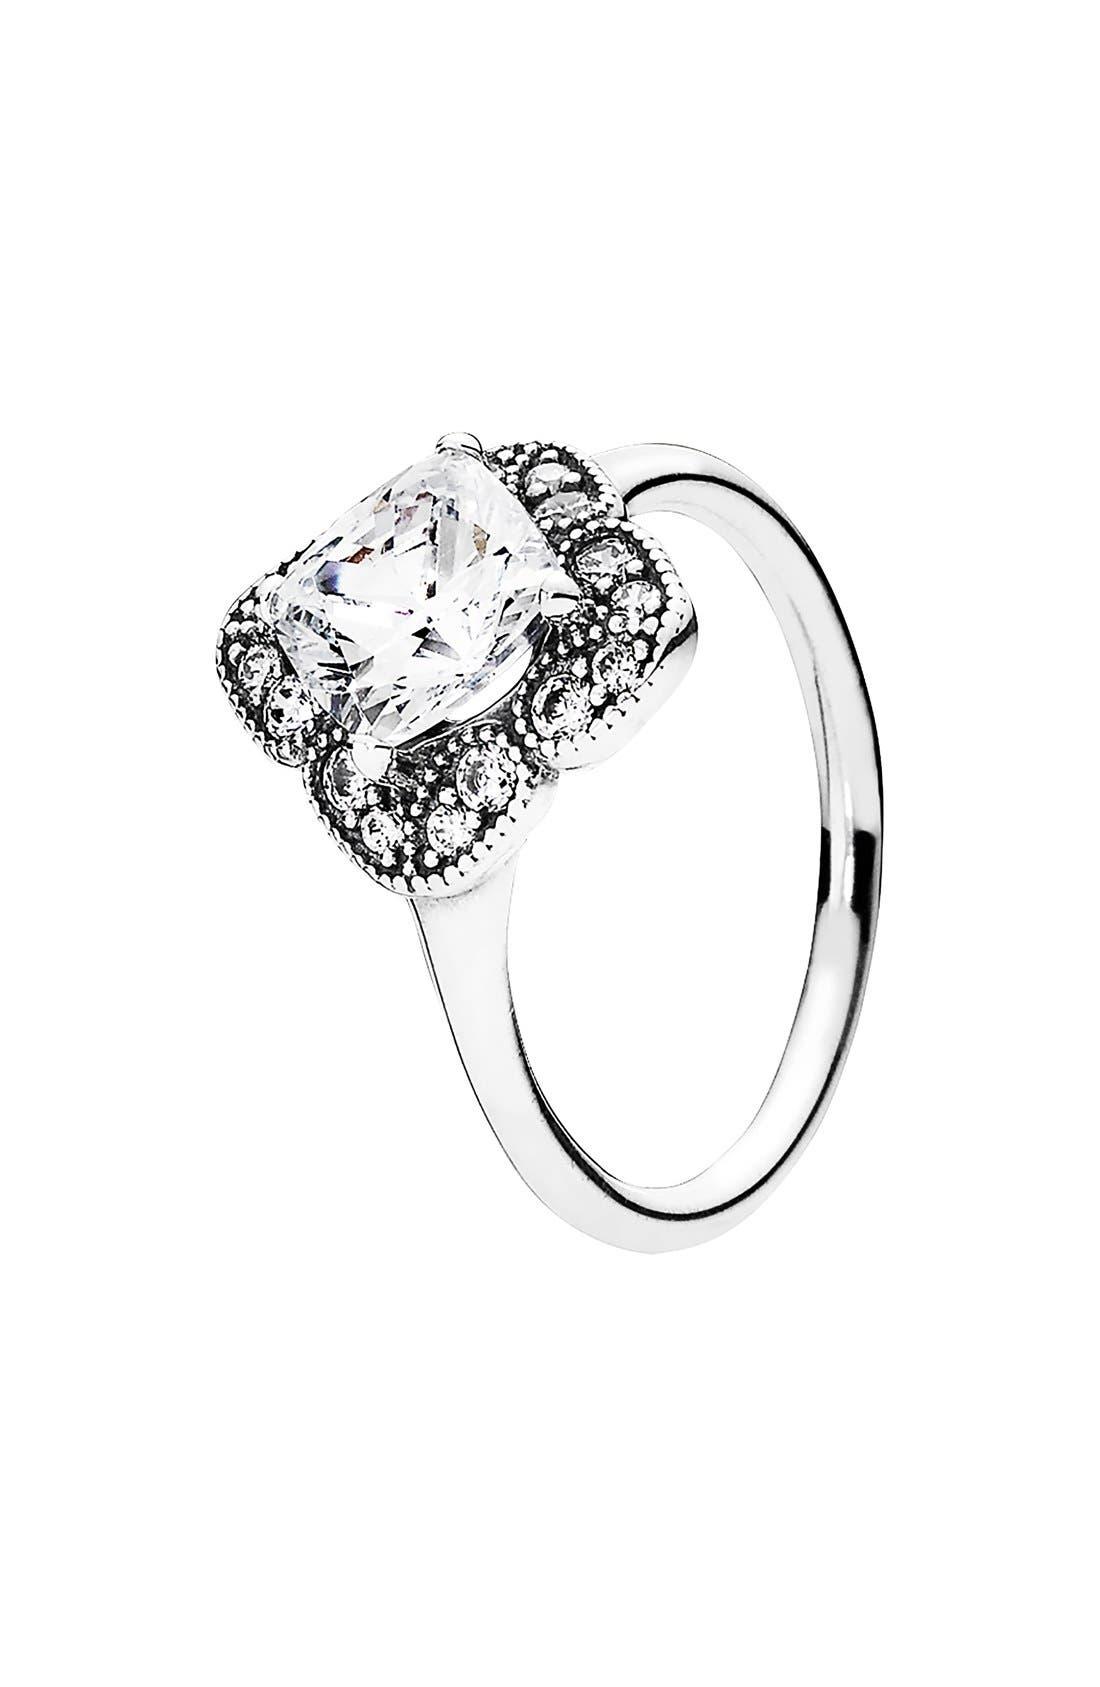 Main Image - PANDORA 'Floral Fancy' Ring